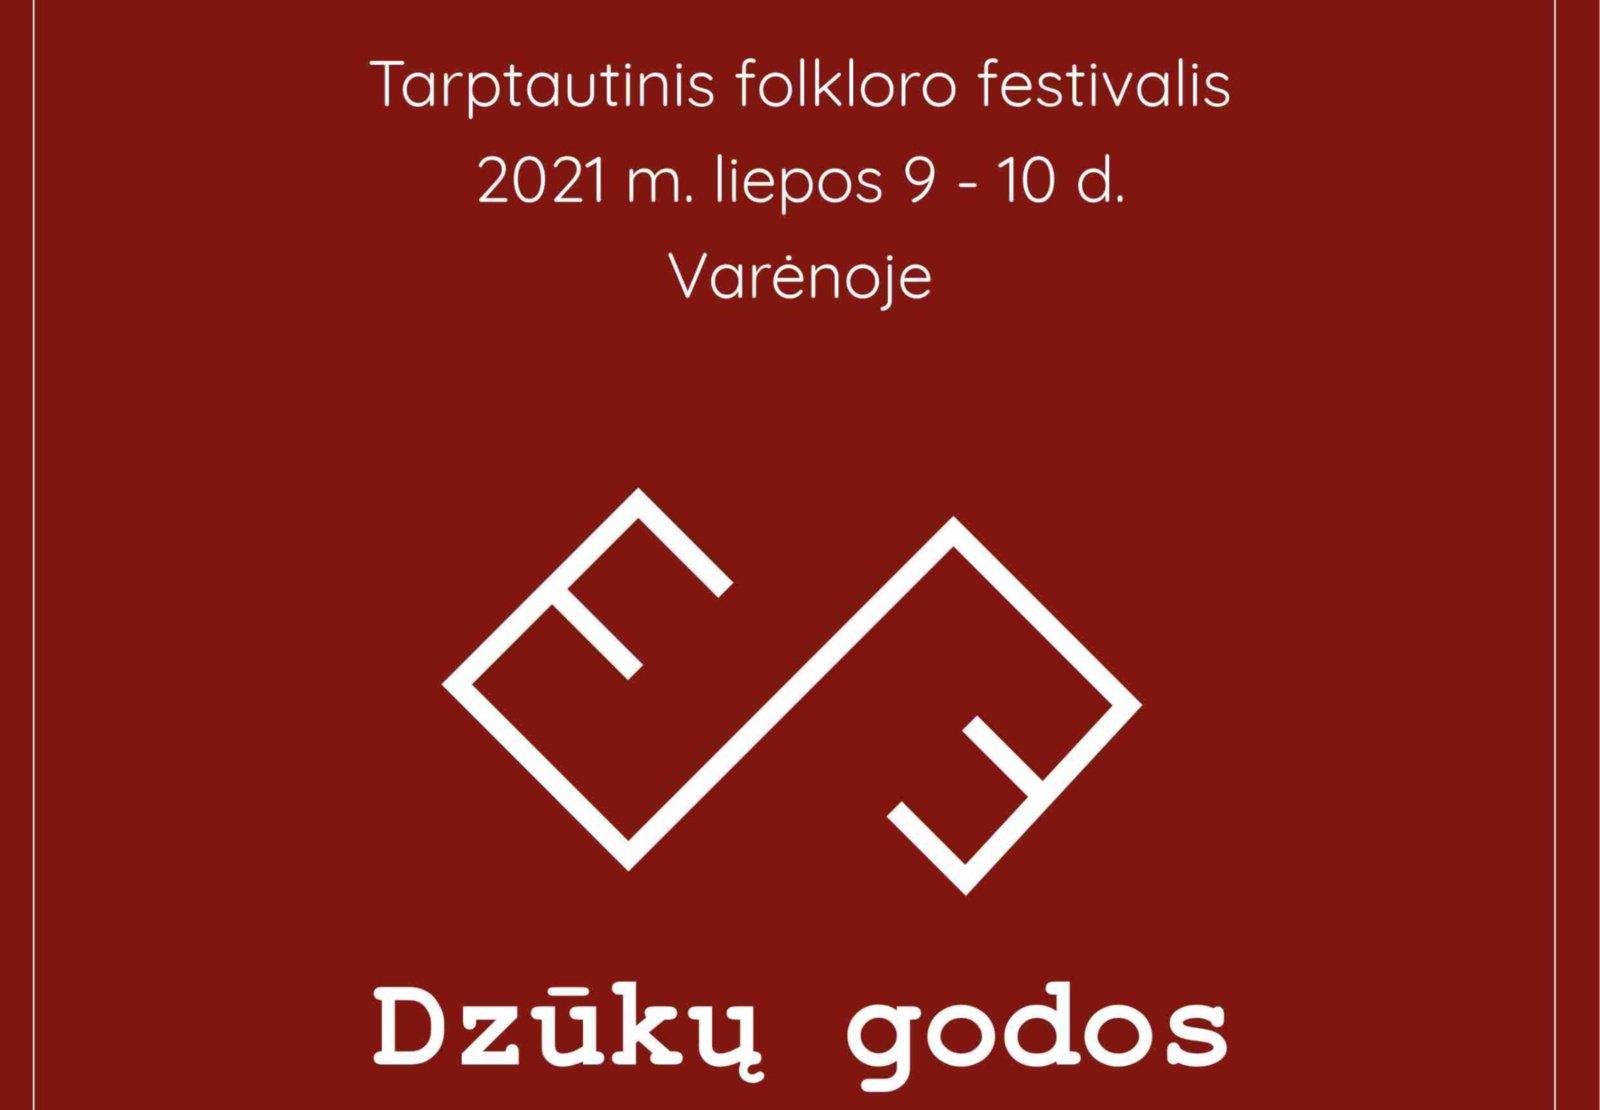 """Varėnoje šurmuliuos tarptautinis folkloro festivalis """"Dzūkų godos"""""""